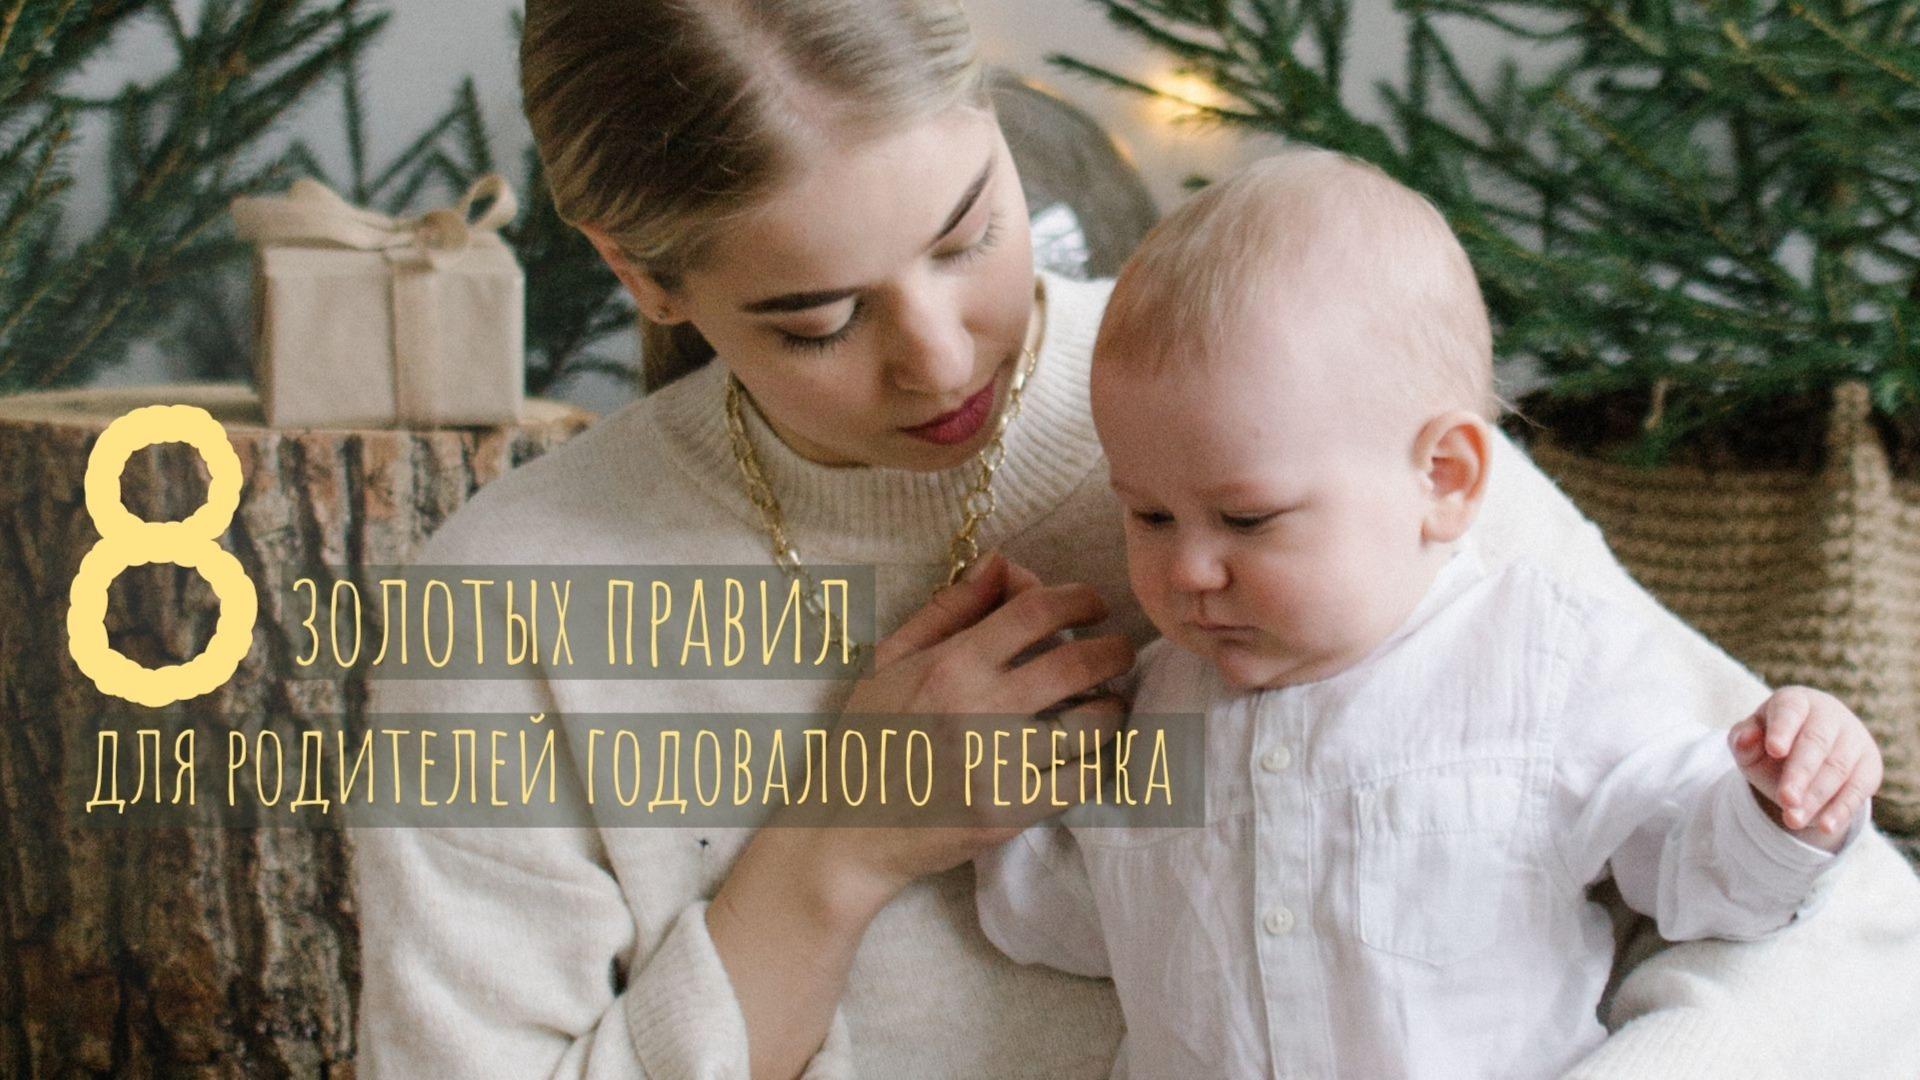 8 золотых правил для родителей годовалого ребенка